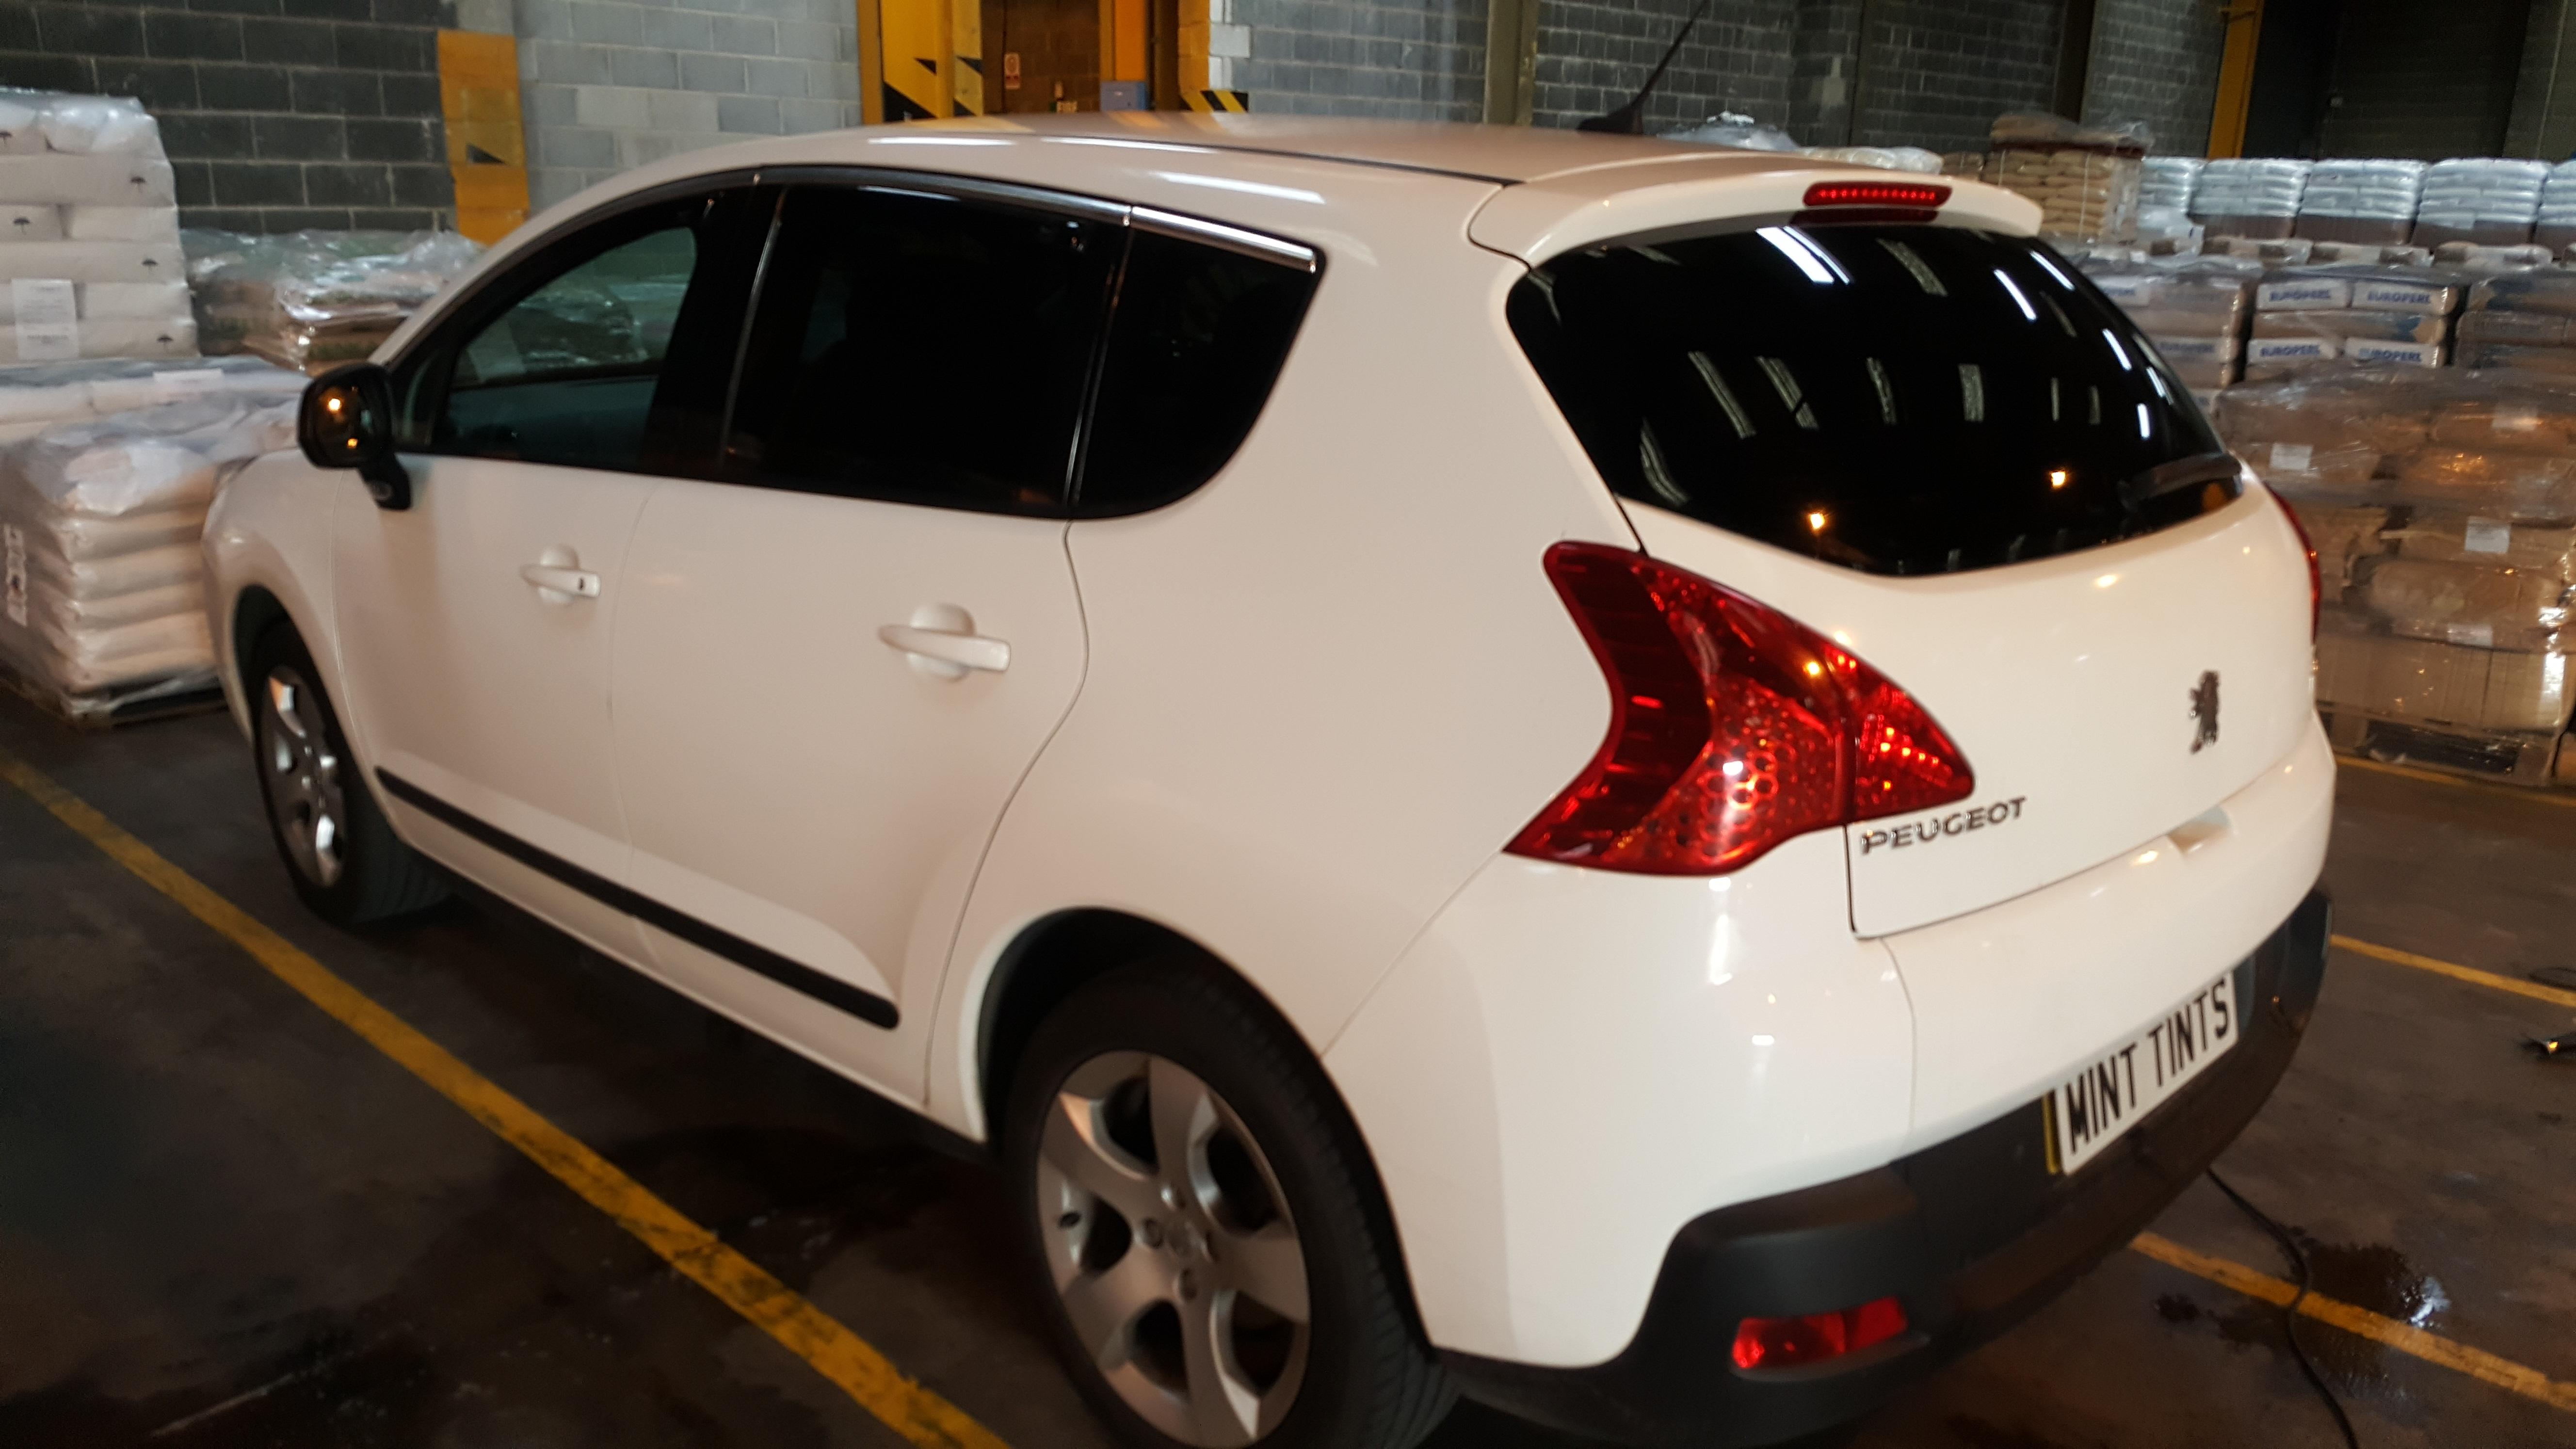 Peugeot 3008 - 20% Dark Smoke Tint